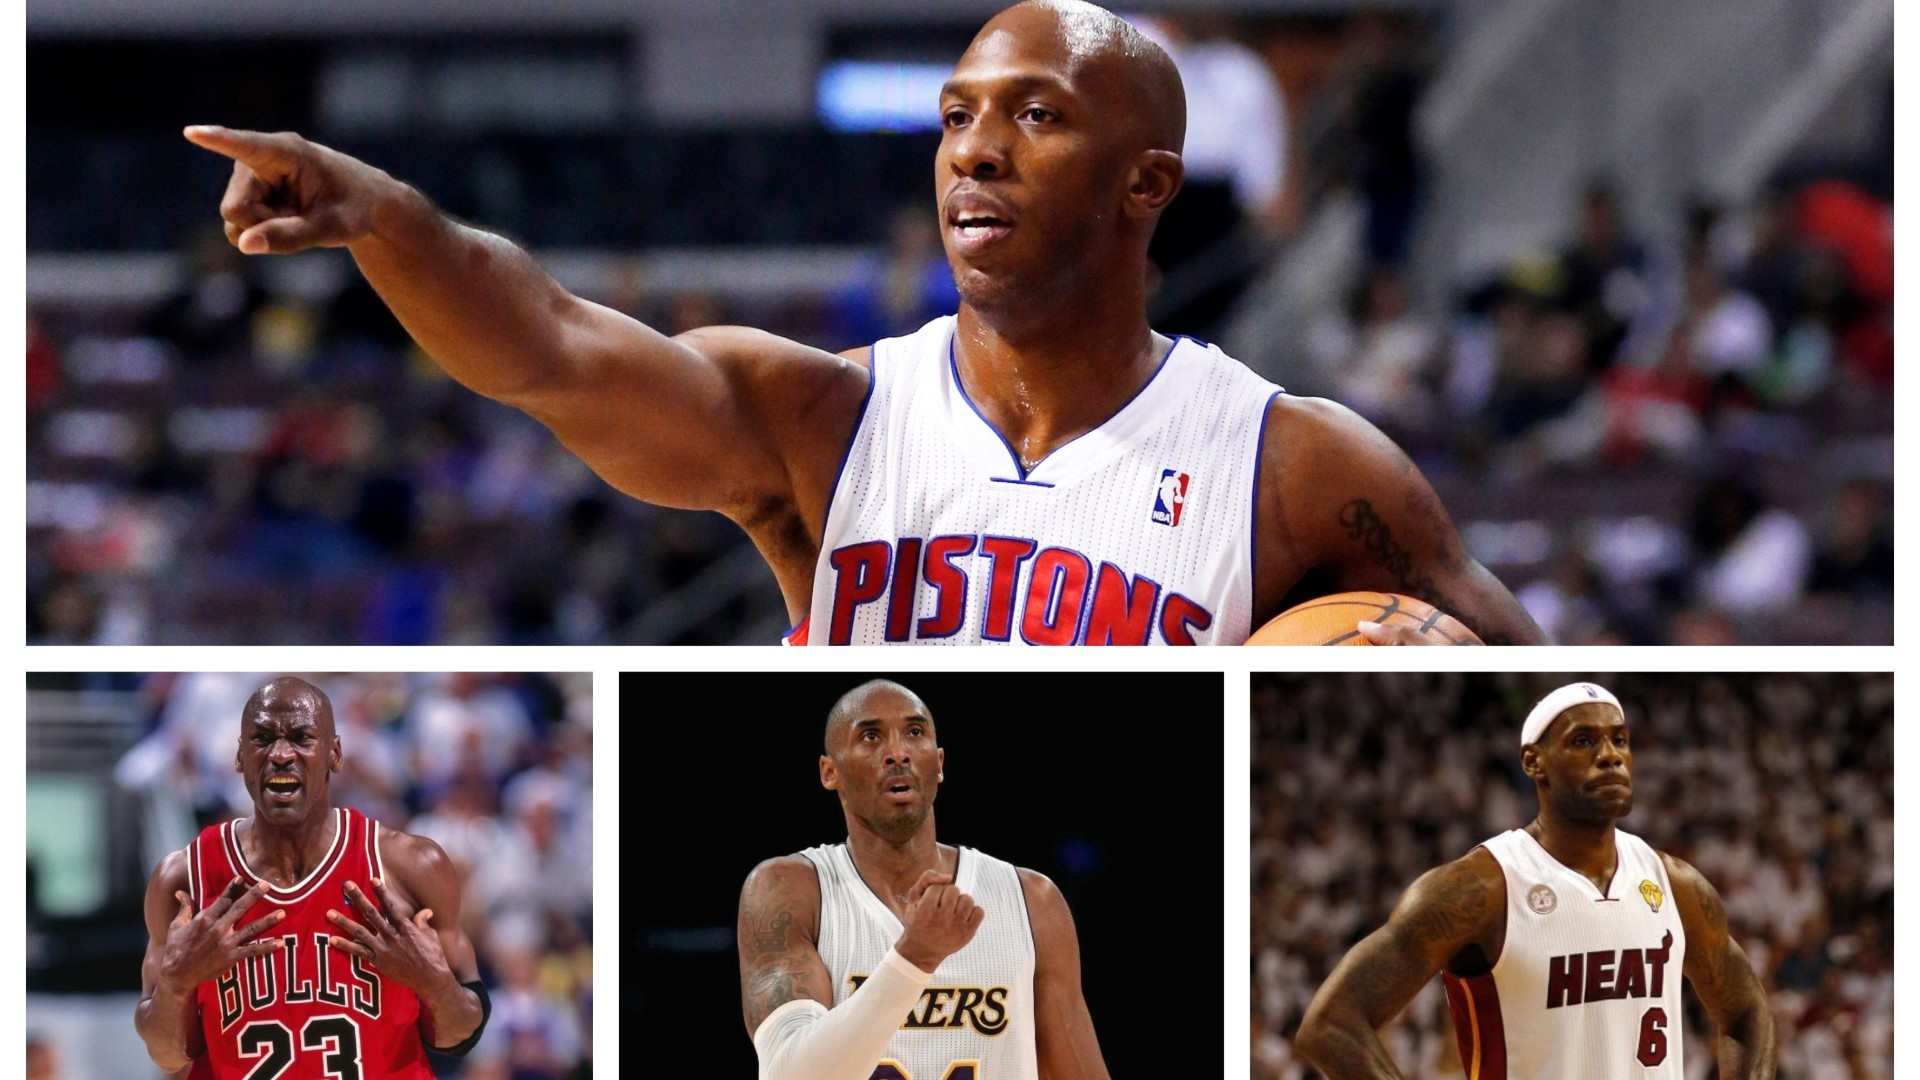 El único jugador con balance ganador en sus duelos ante Jordan, Kobe y LeBron